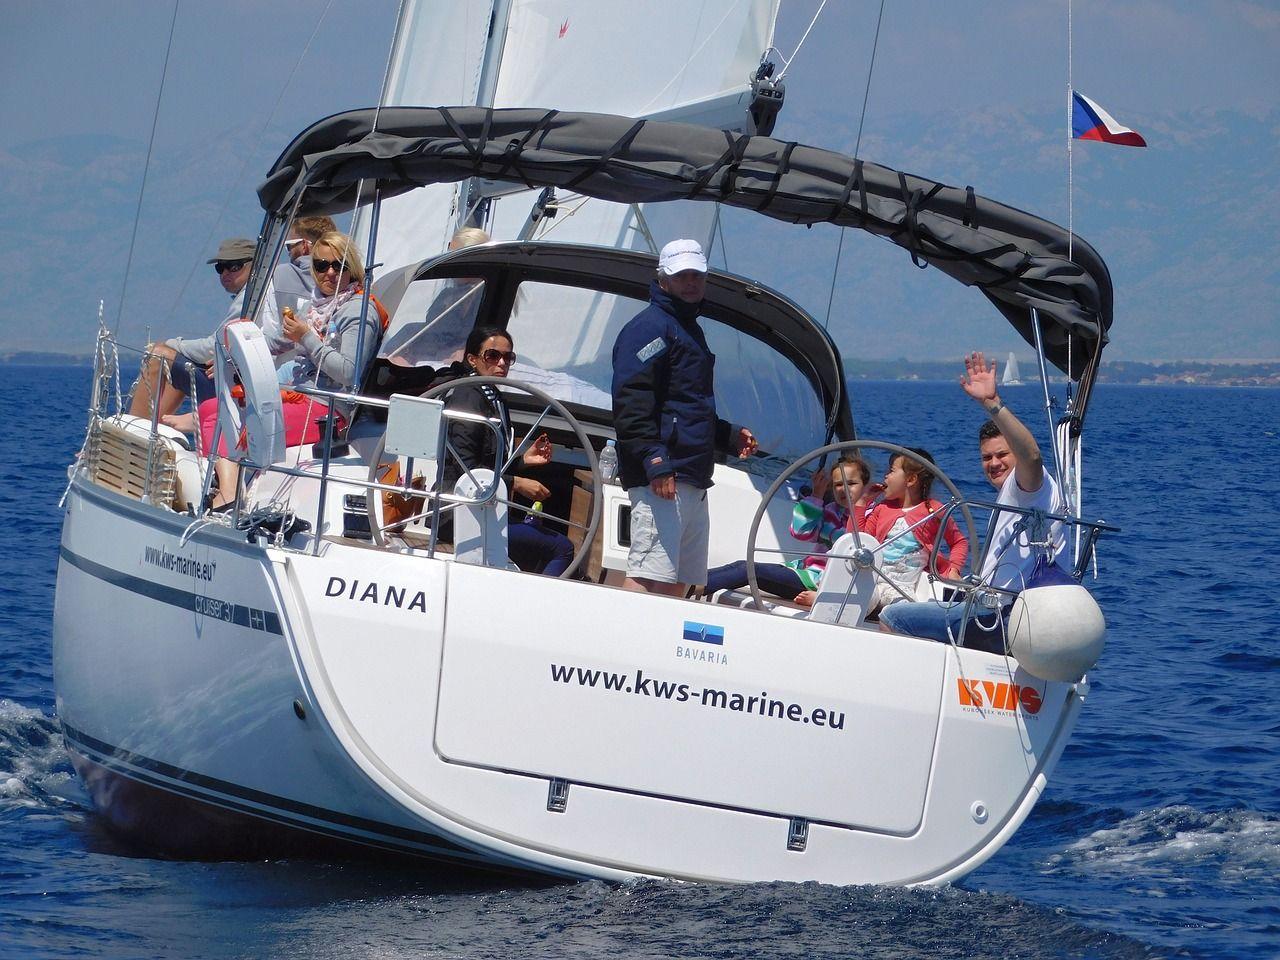 Jak wyposażony jest czarterowany jacht?